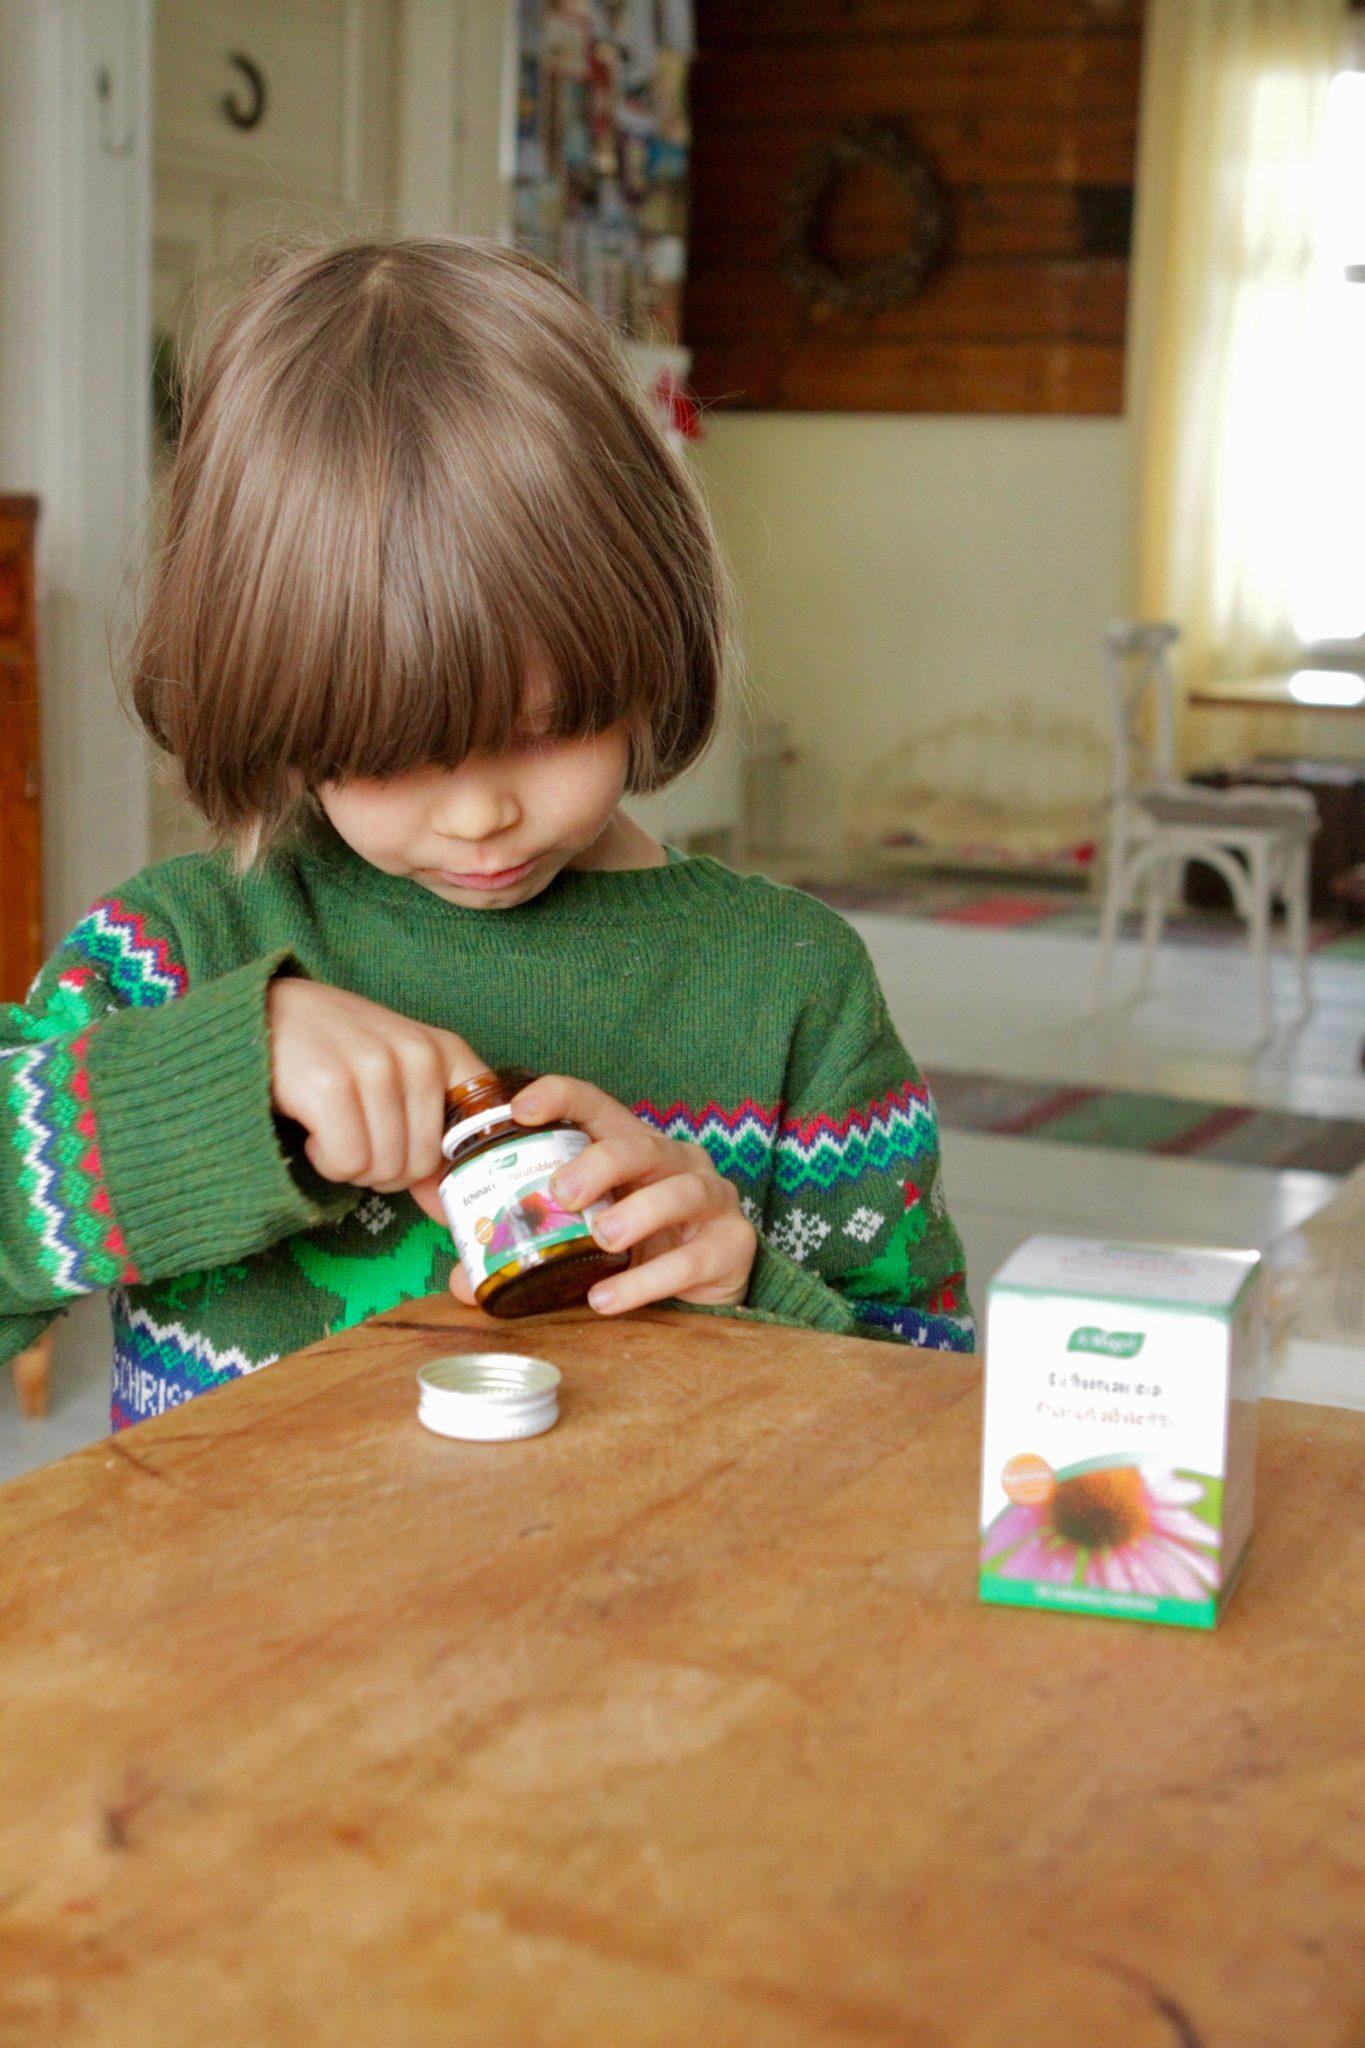 Pakastepitsaa, raakaruokaa ja Echinacea tabletteja - syntyykö terveellisempi arki tästä?